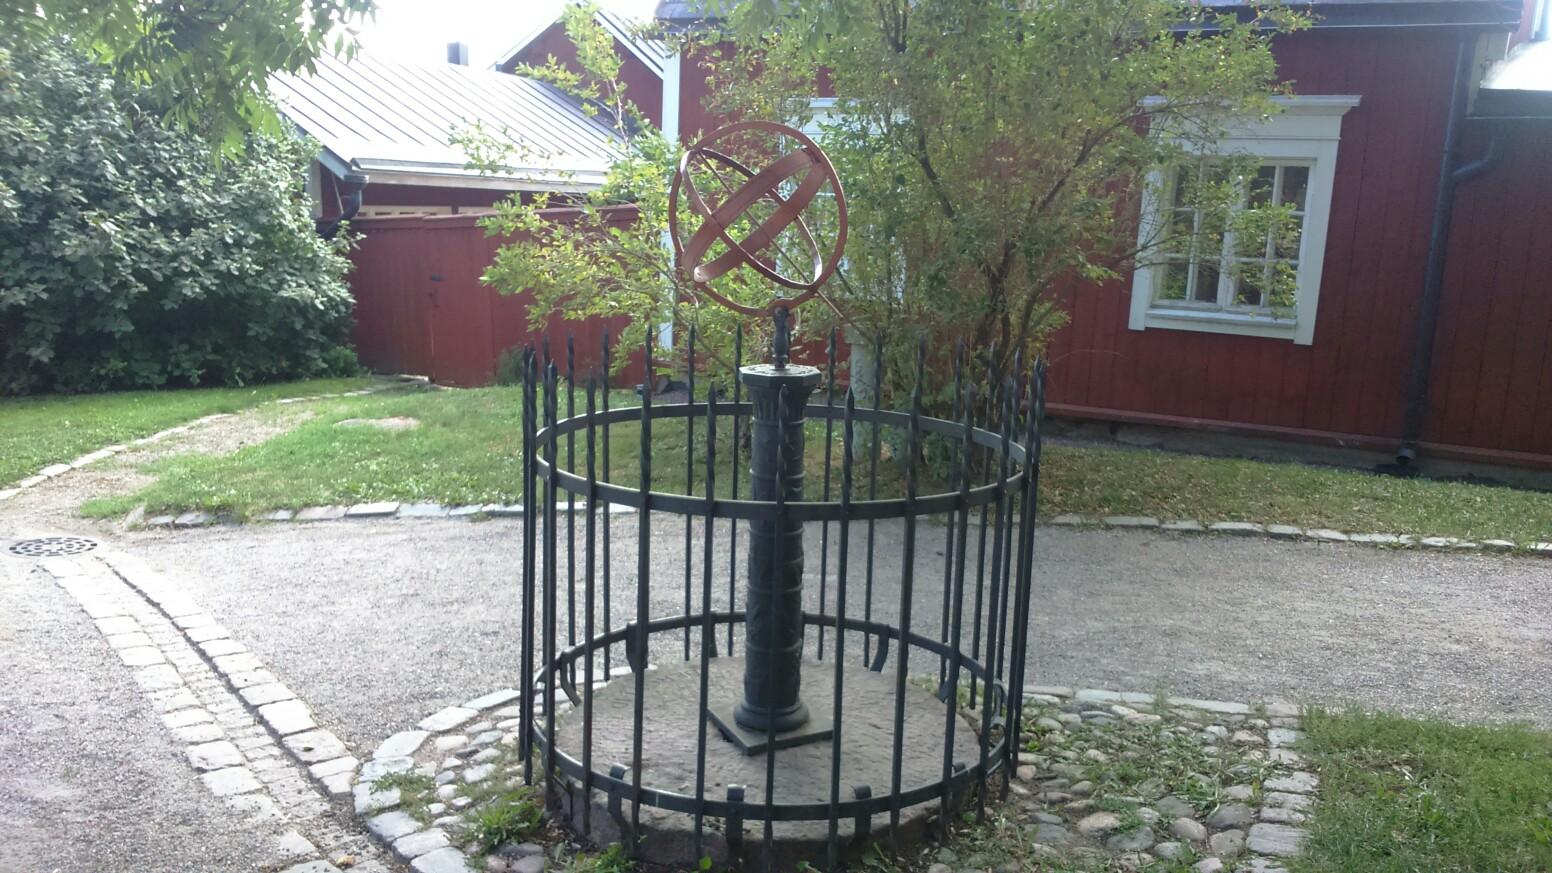 http://picterzone.ucoz.ru/TRVL/Porvoo/A_sphere_PRV_pan2.jpg